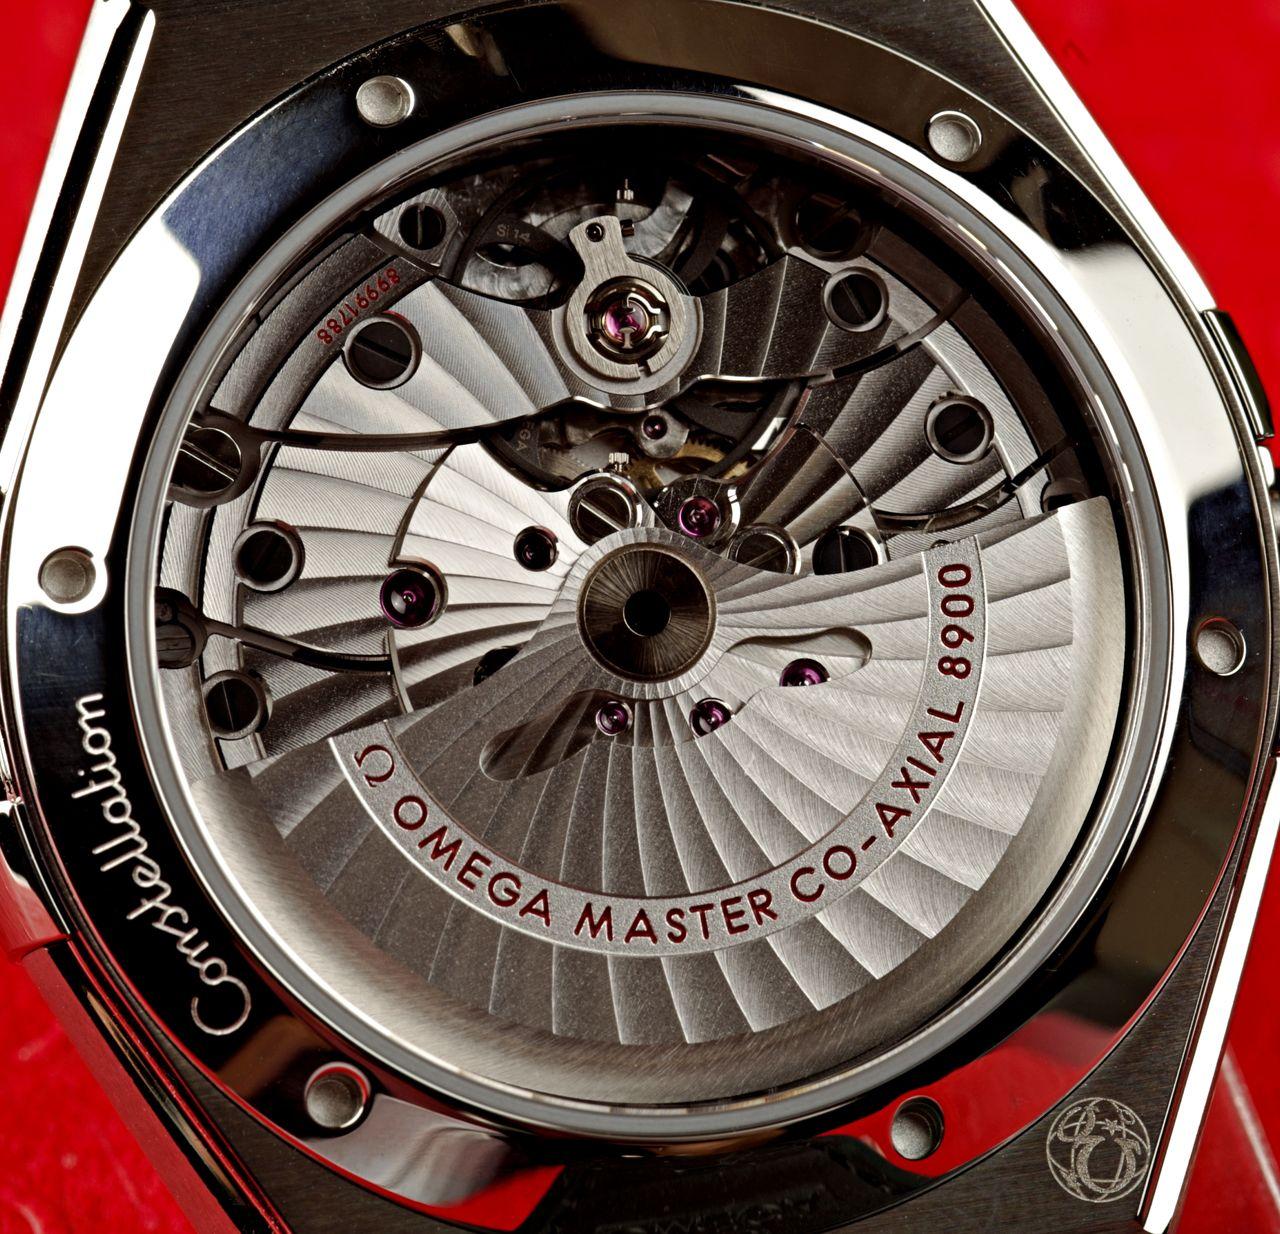 Omega Constellation Co-Axial Master Chronometer 41 mm - a férfiak Constellationje is megkapta a csúcsszerkezetet / Fotó: Venicz Áron